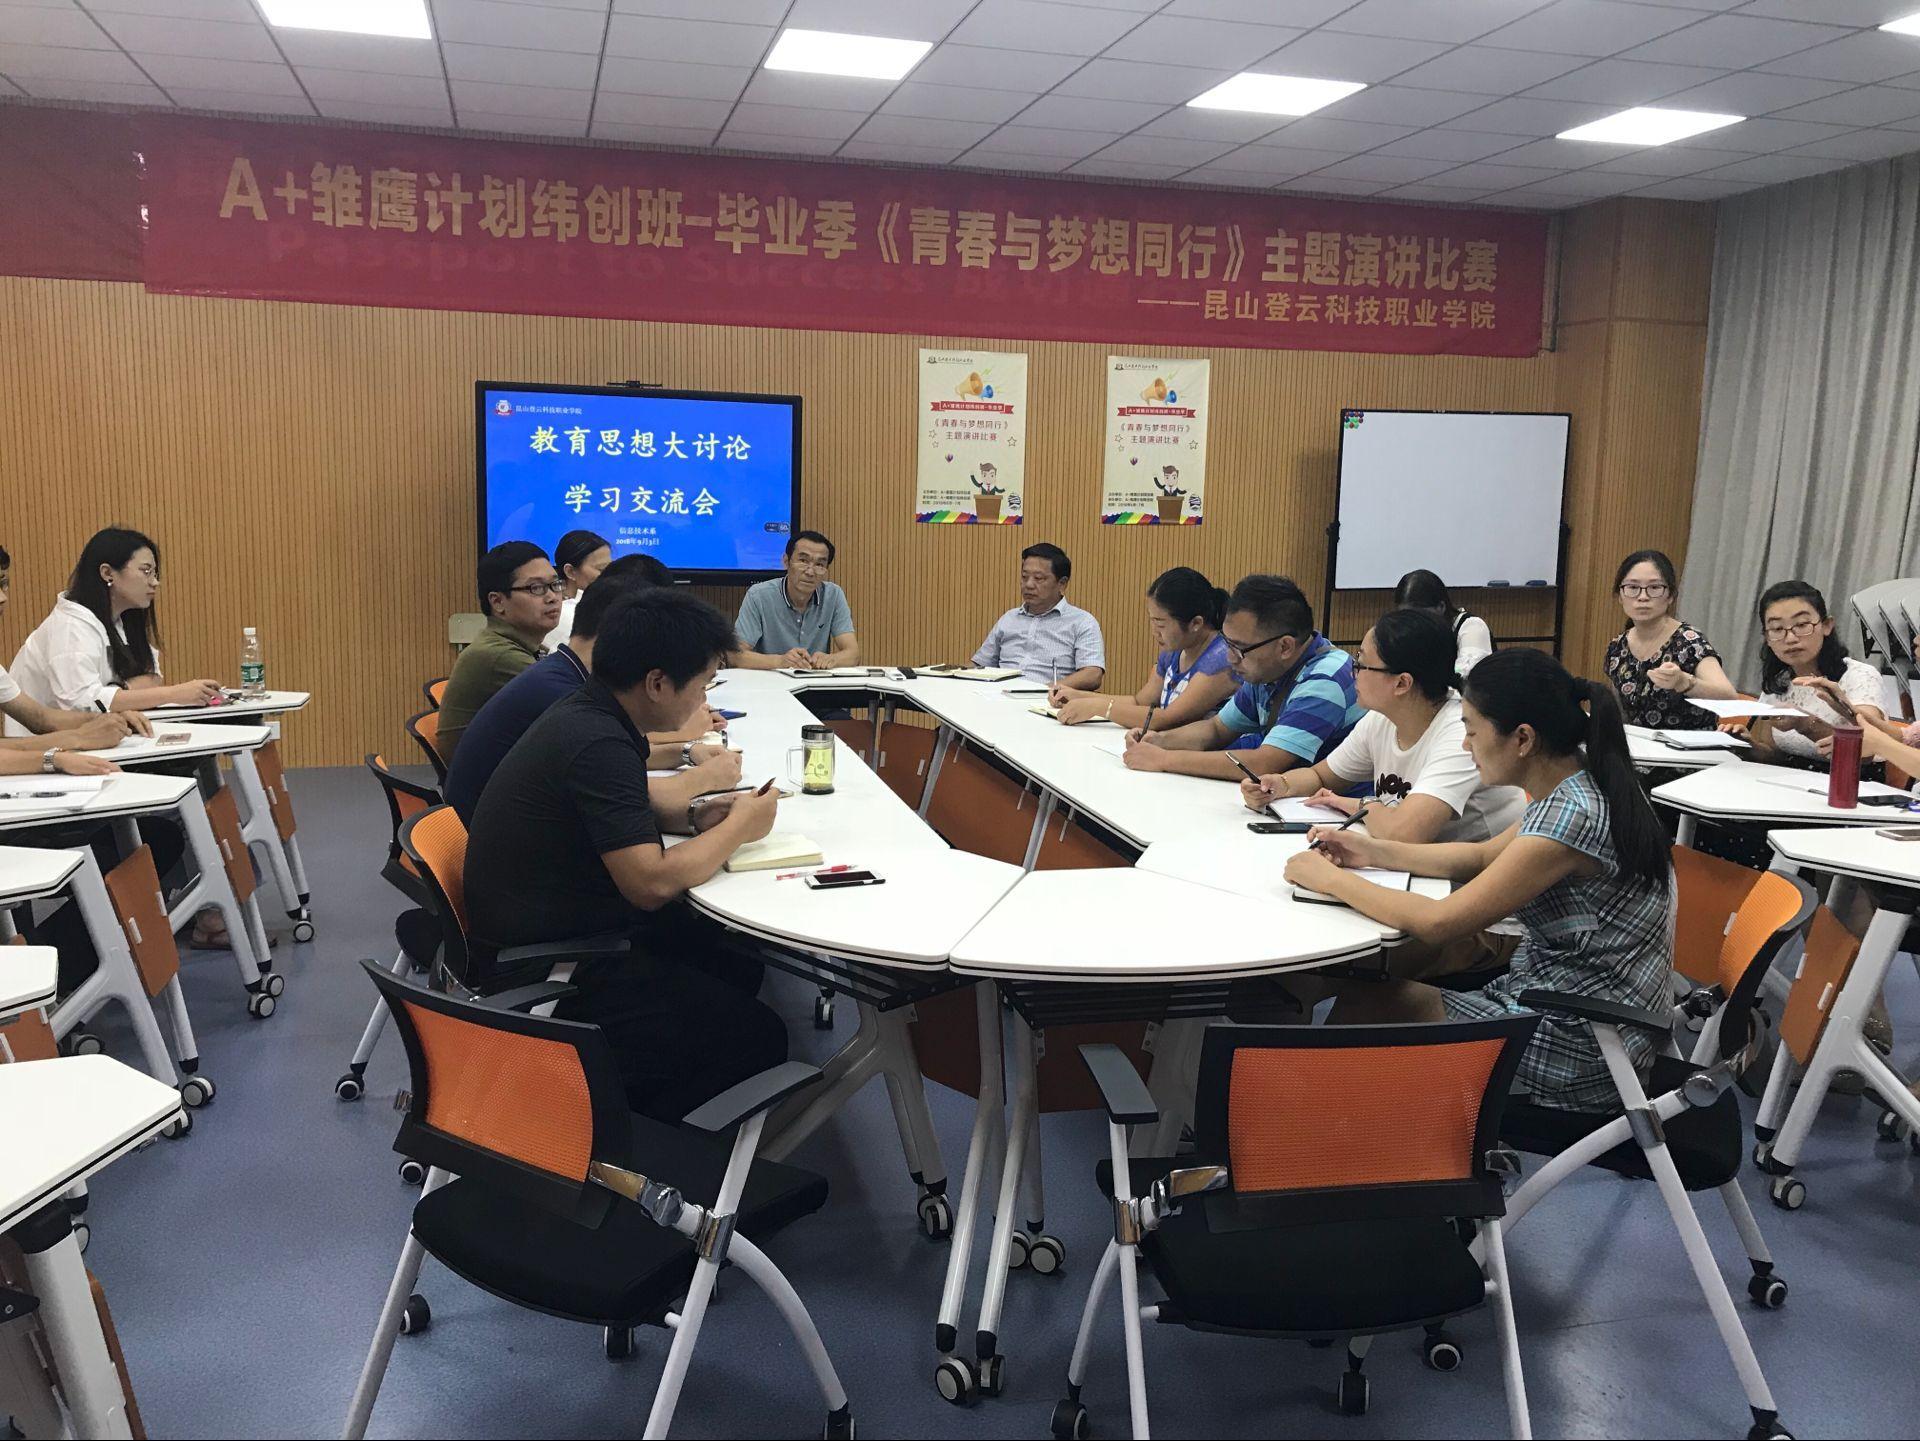 信息技术系组织全系教师深入开展教育思想大讨论活动